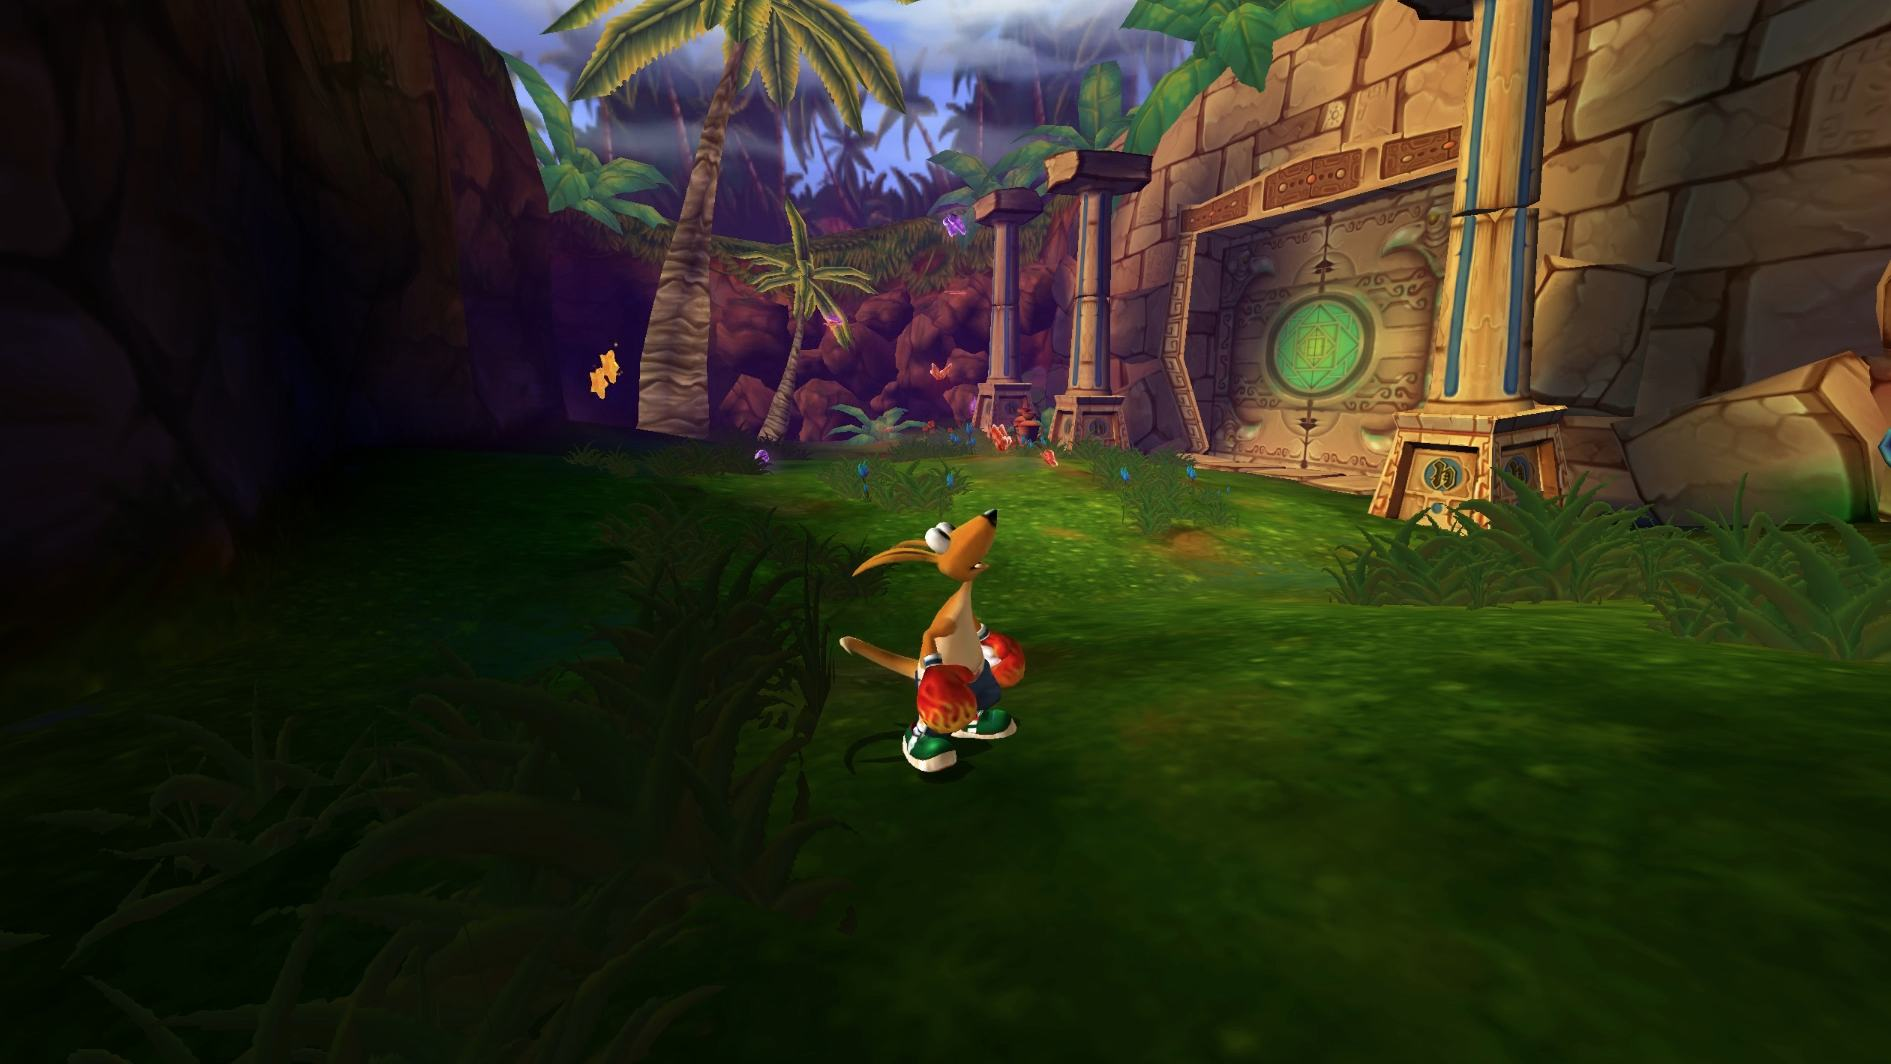 Kangurek Kao: Runda 2 za darmo na Steamie